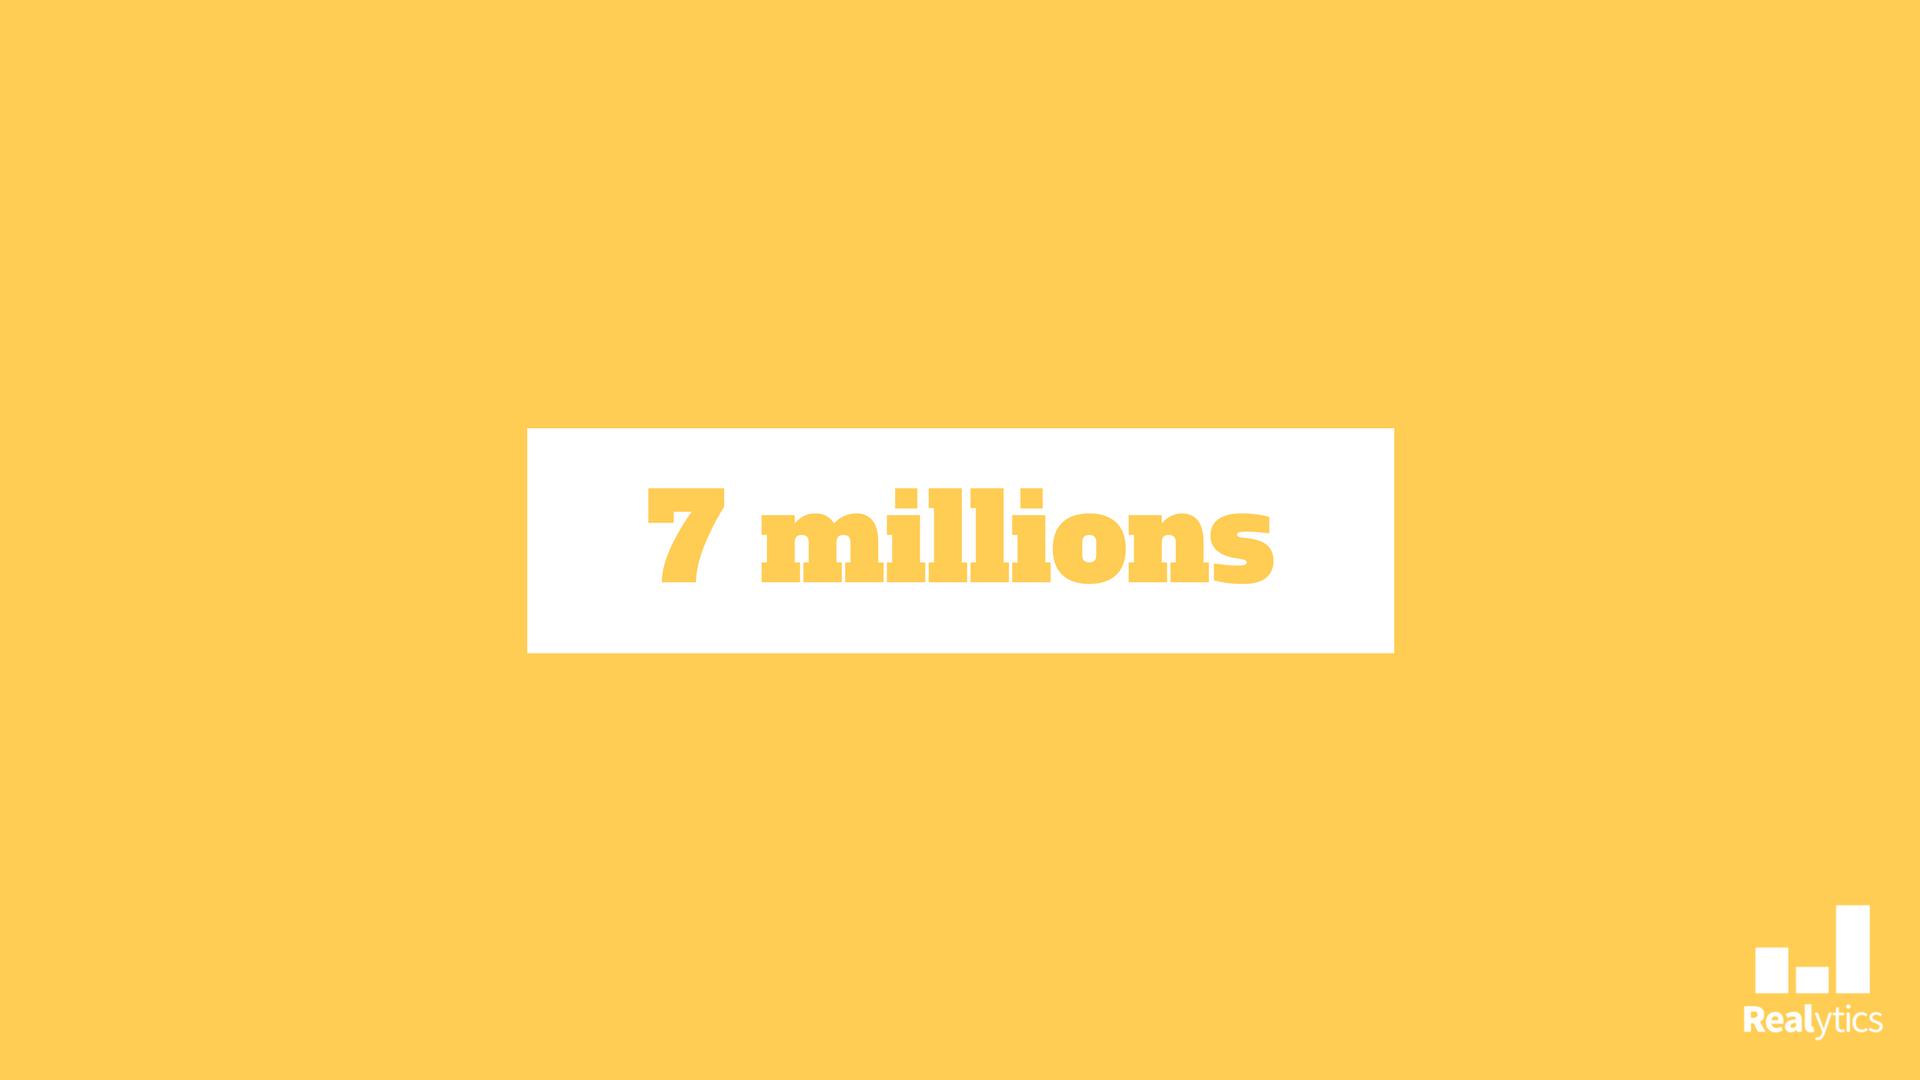 chiffre-de-la-semaine-FR-7-millions-1920-x-1080